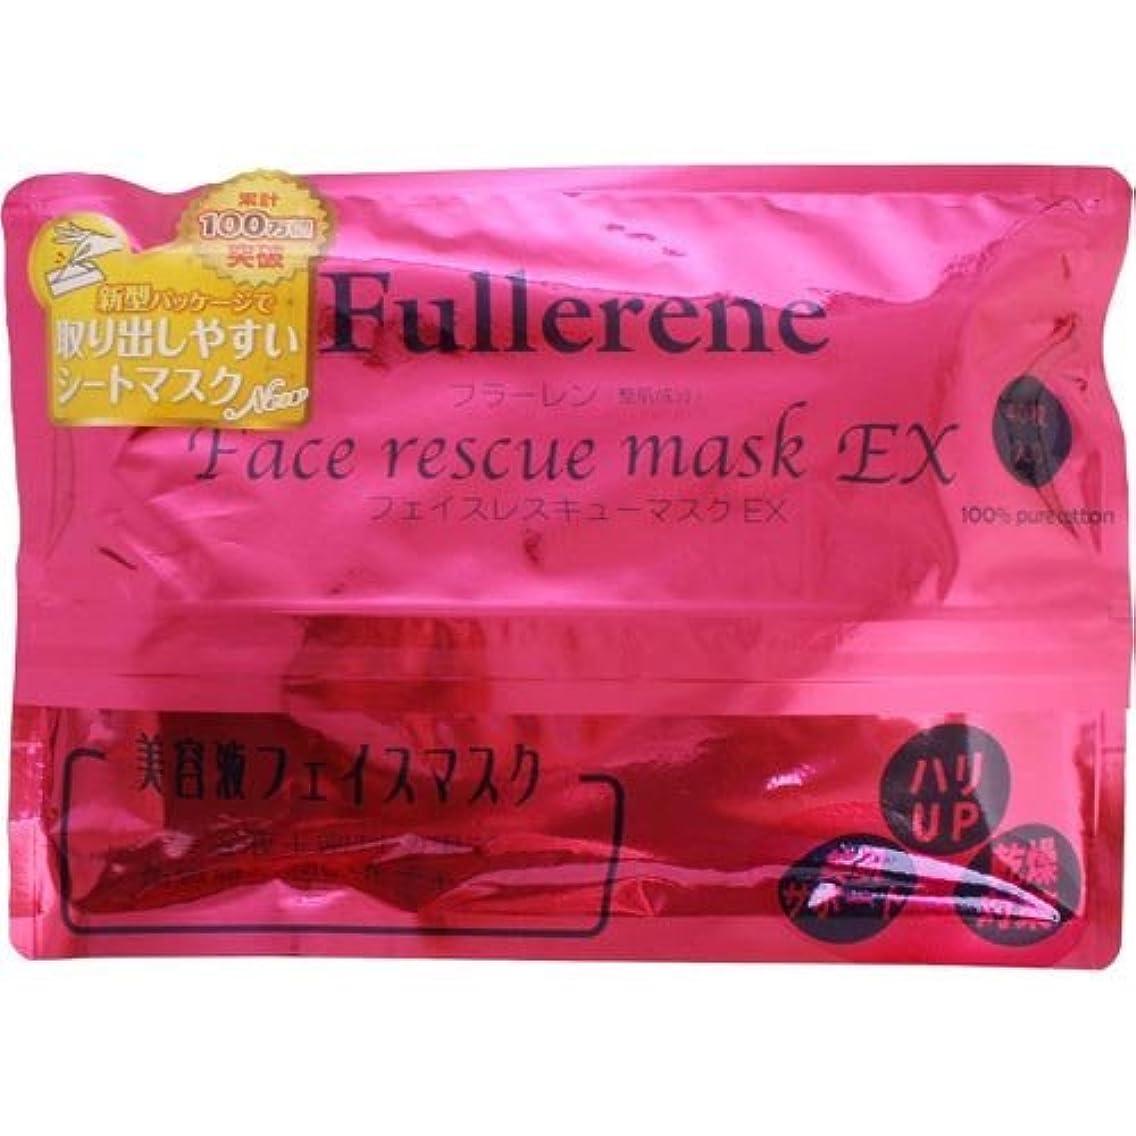 とても多くの粘り強いレンジフラーレンフェイスレスキューマスク40枚入り EX[Fullerene]